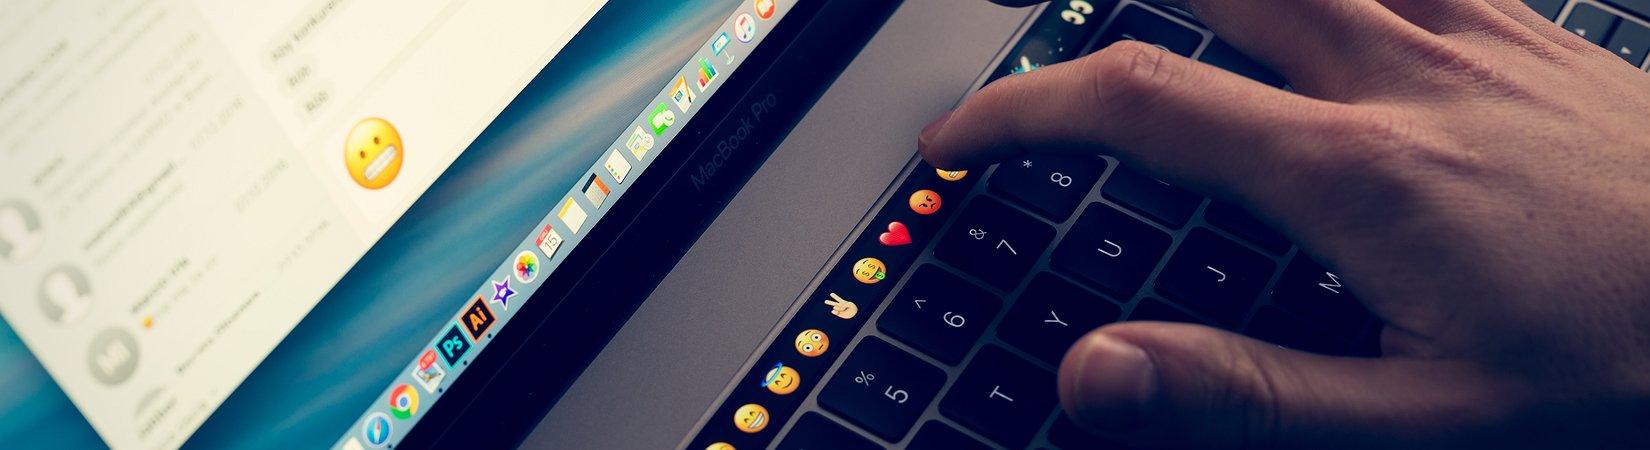 Apple irá anunciar em breve atualização da sua linha de laptops